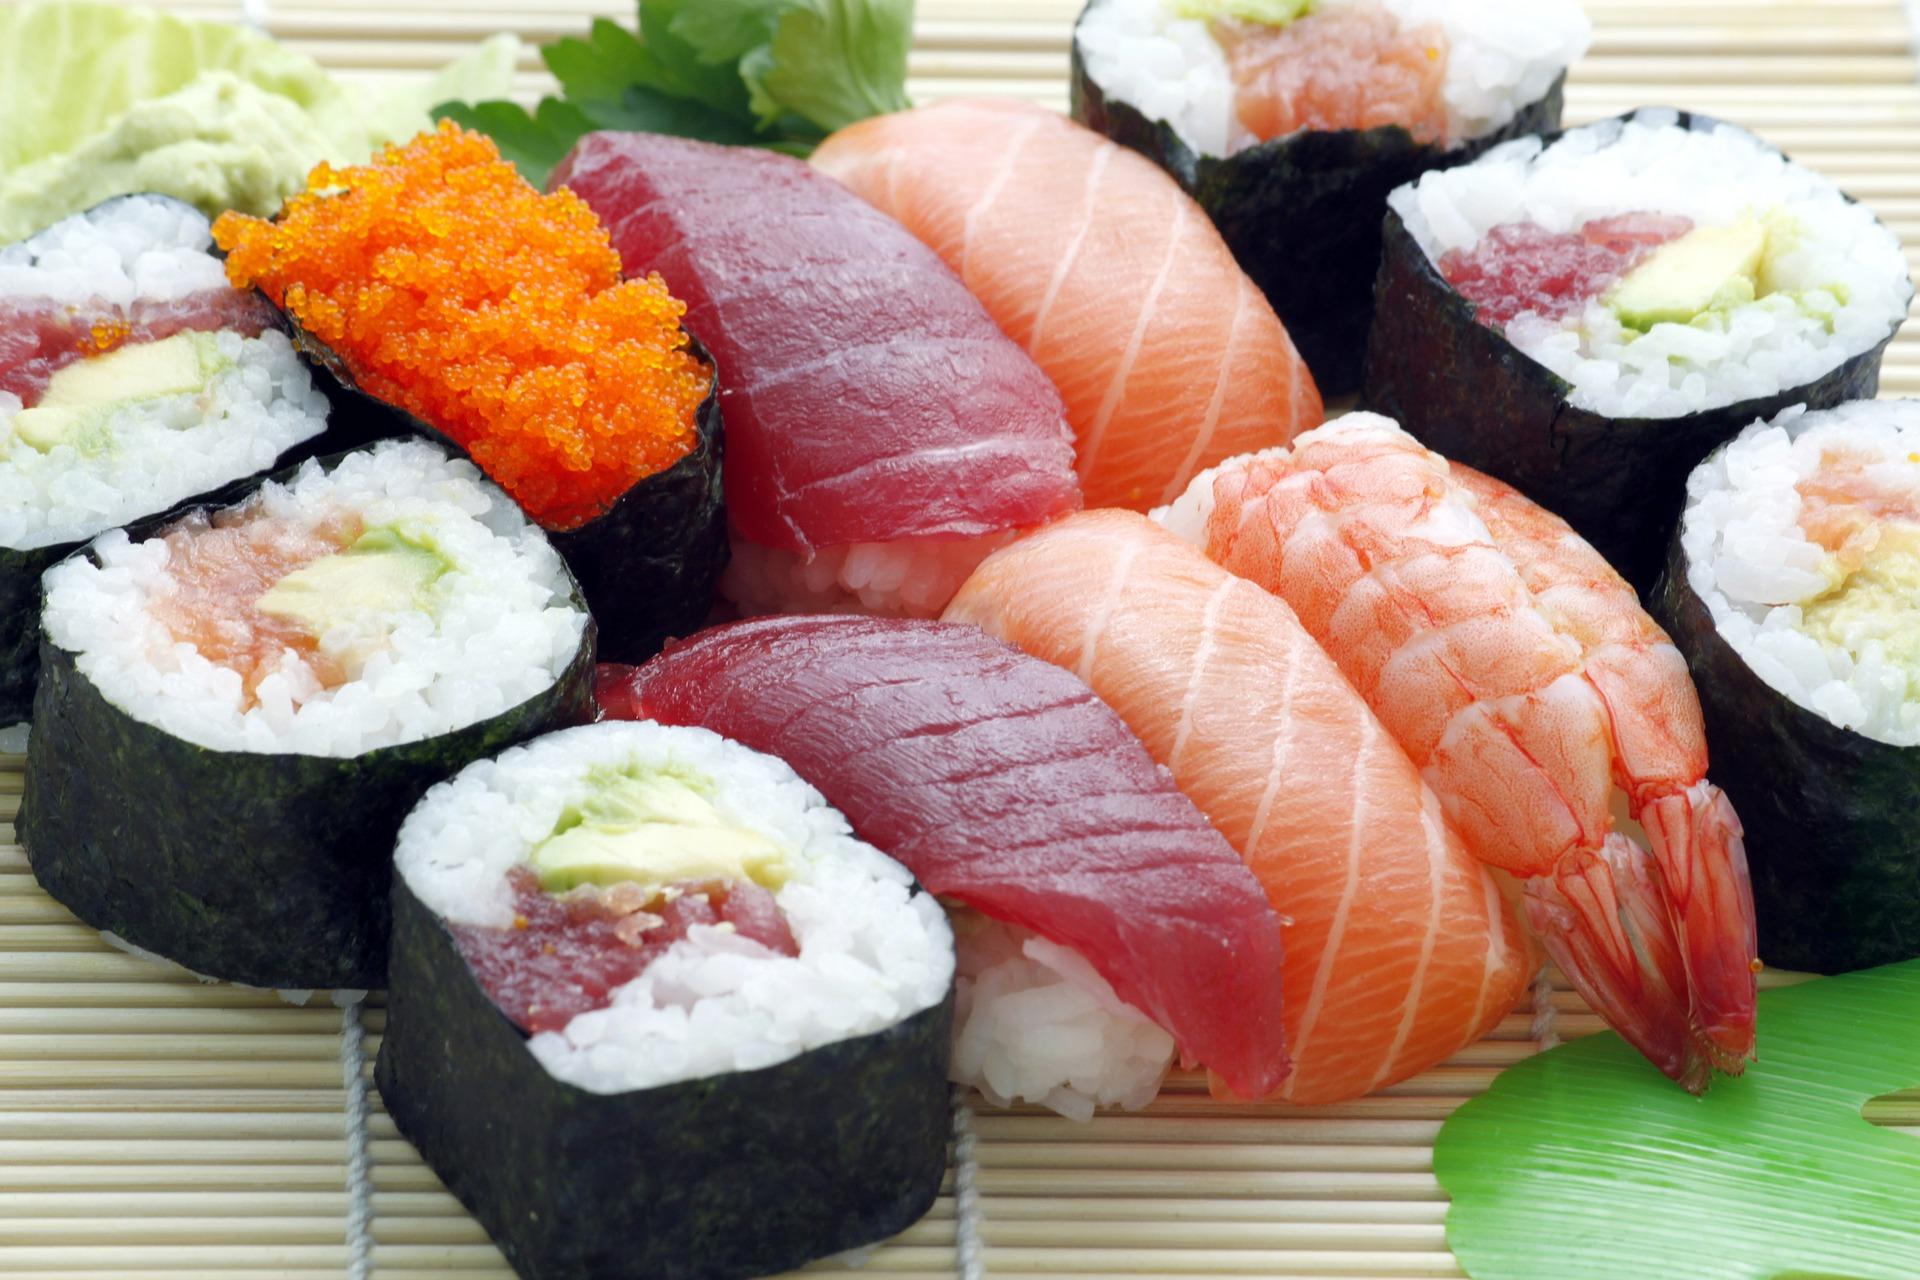 御徒町でおすすめ寿司屋7選!美味しい&安い人気店をご紹介!